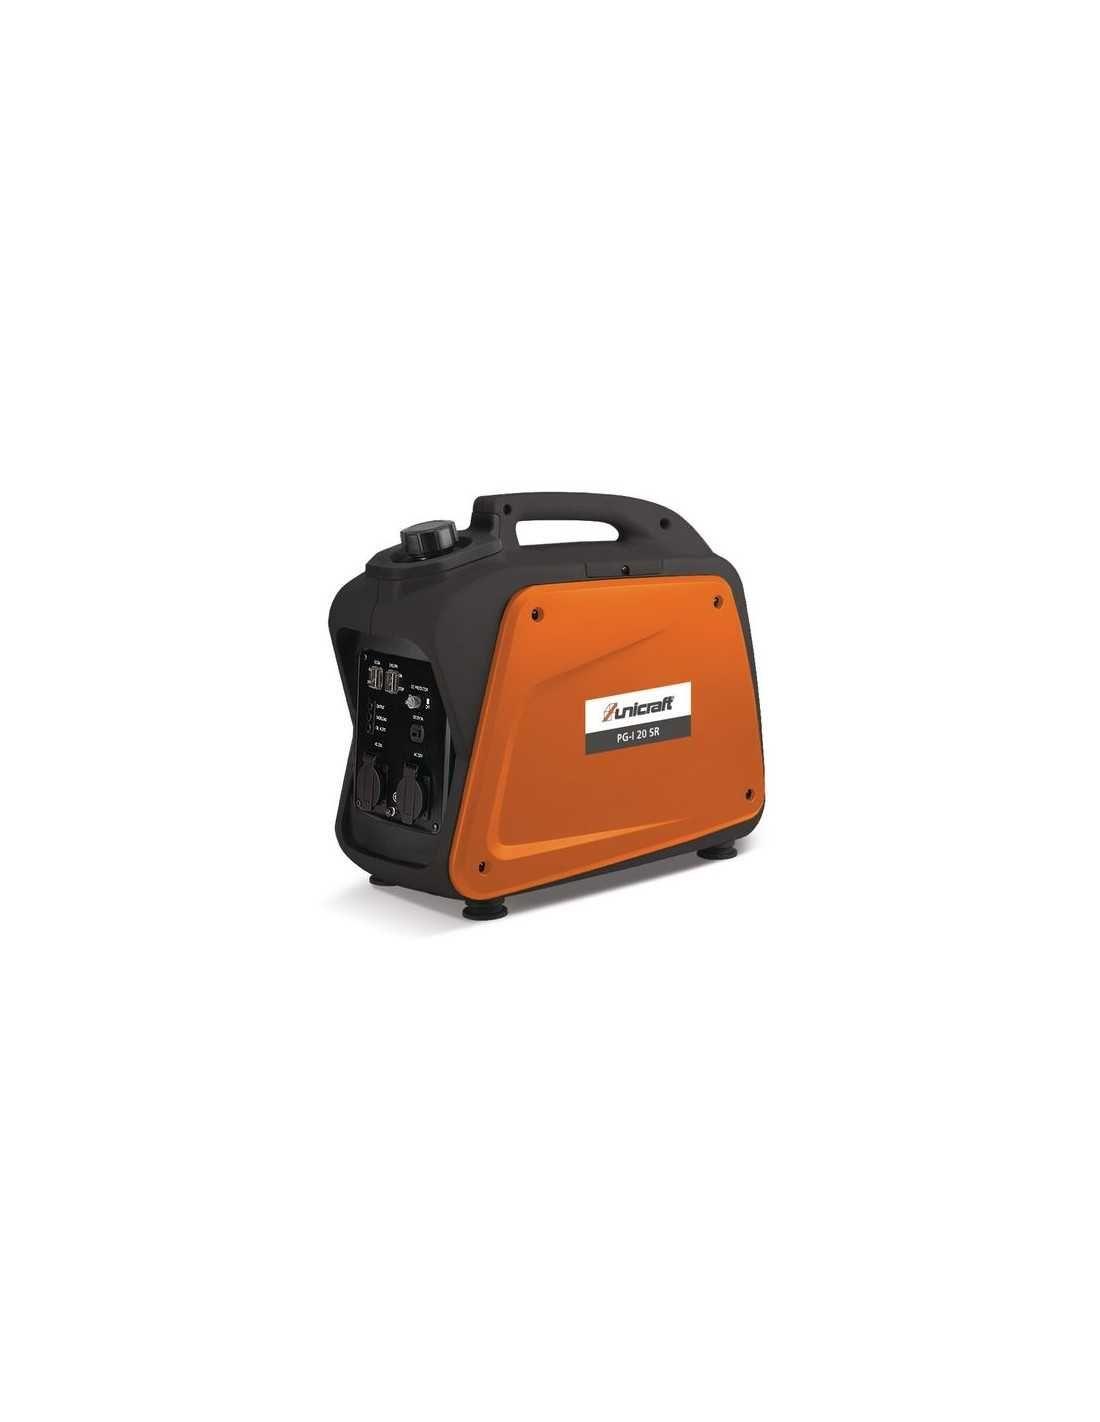 Gerador Inverter a gasolina UNICRAFT PG-I 8 SR